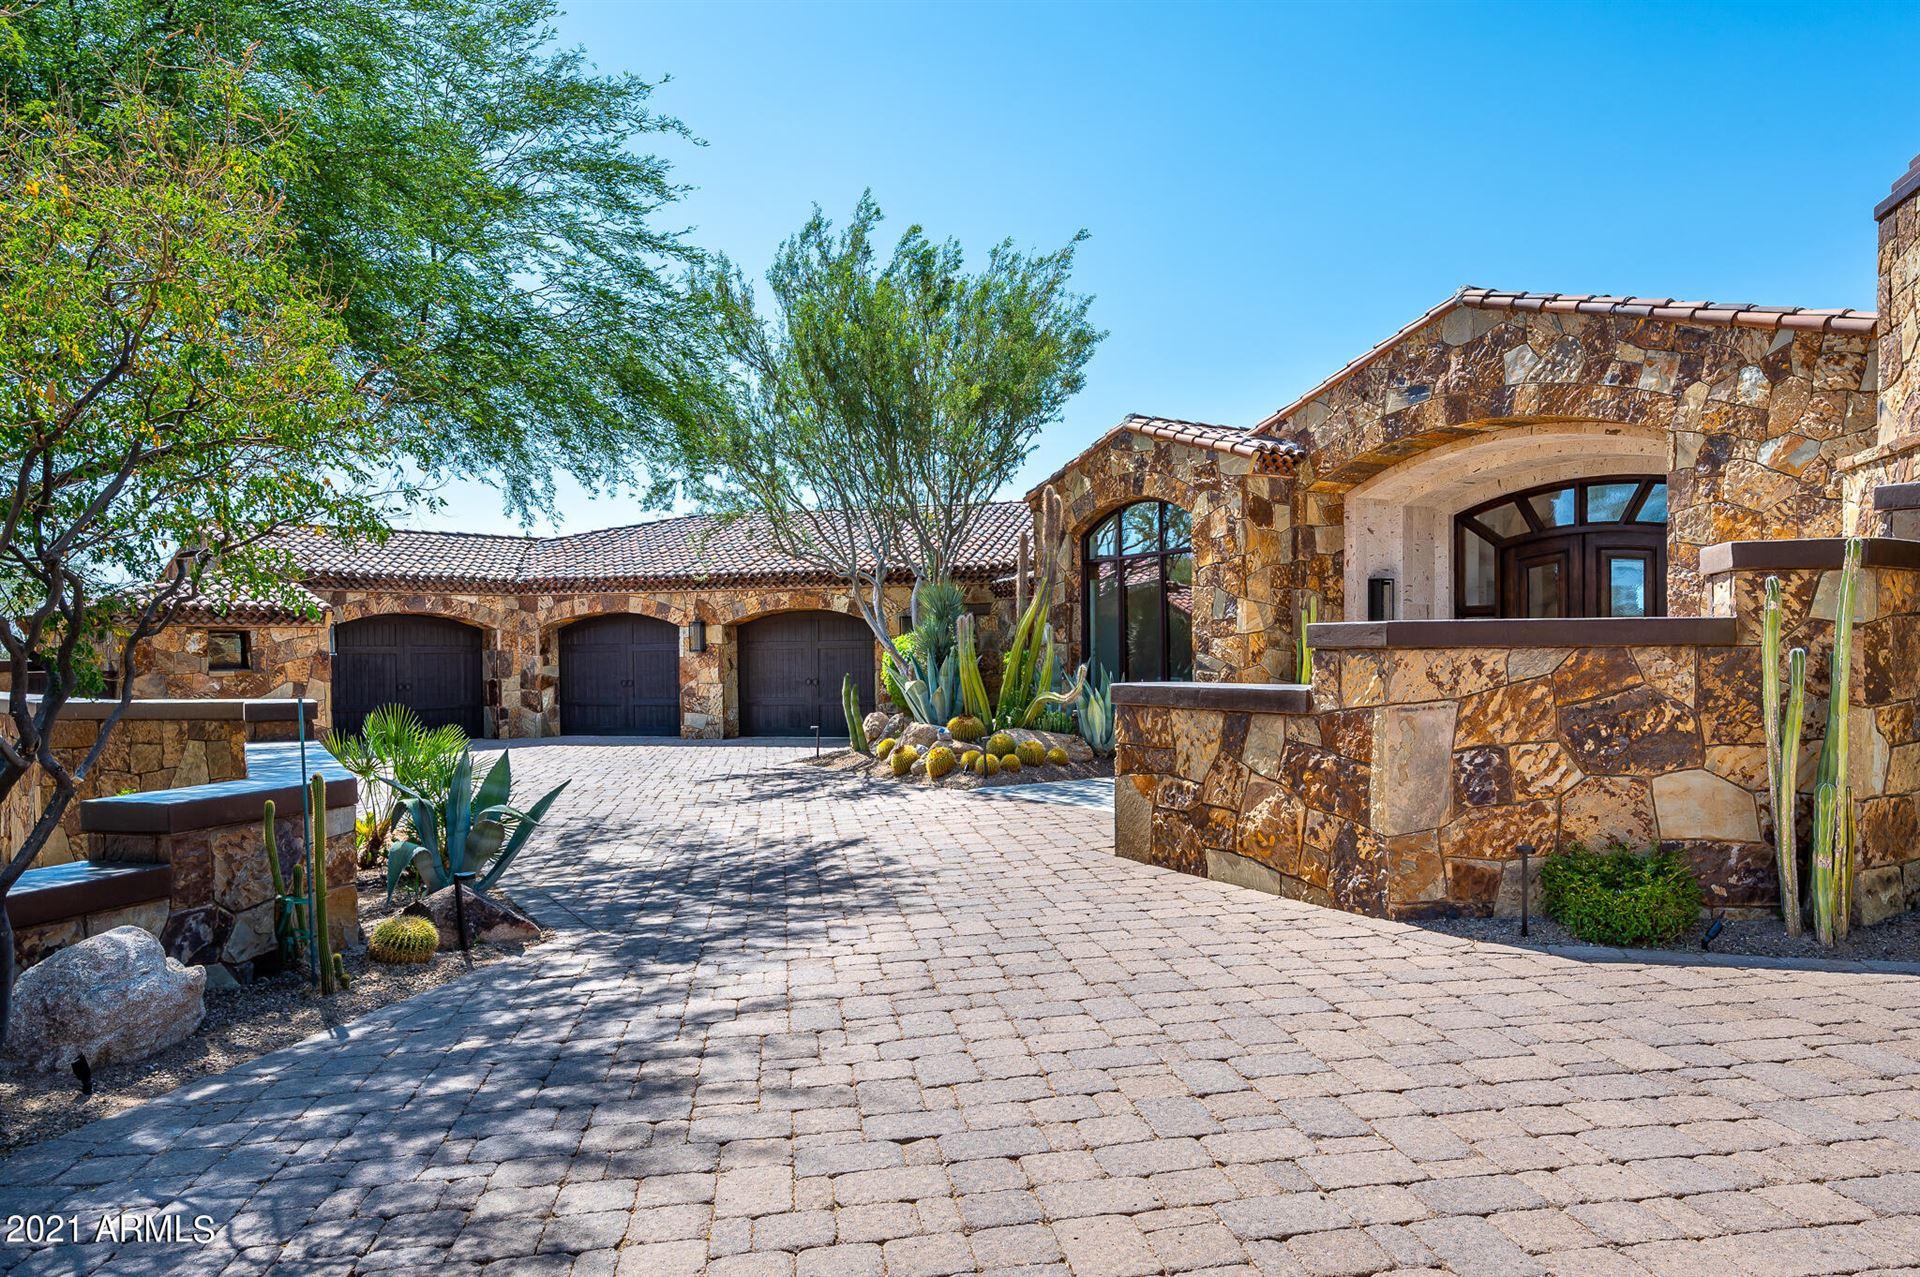 7552 E WHISPER ROCK Trail, Scottsdale, AZ 85266 - MLS#: 6256883